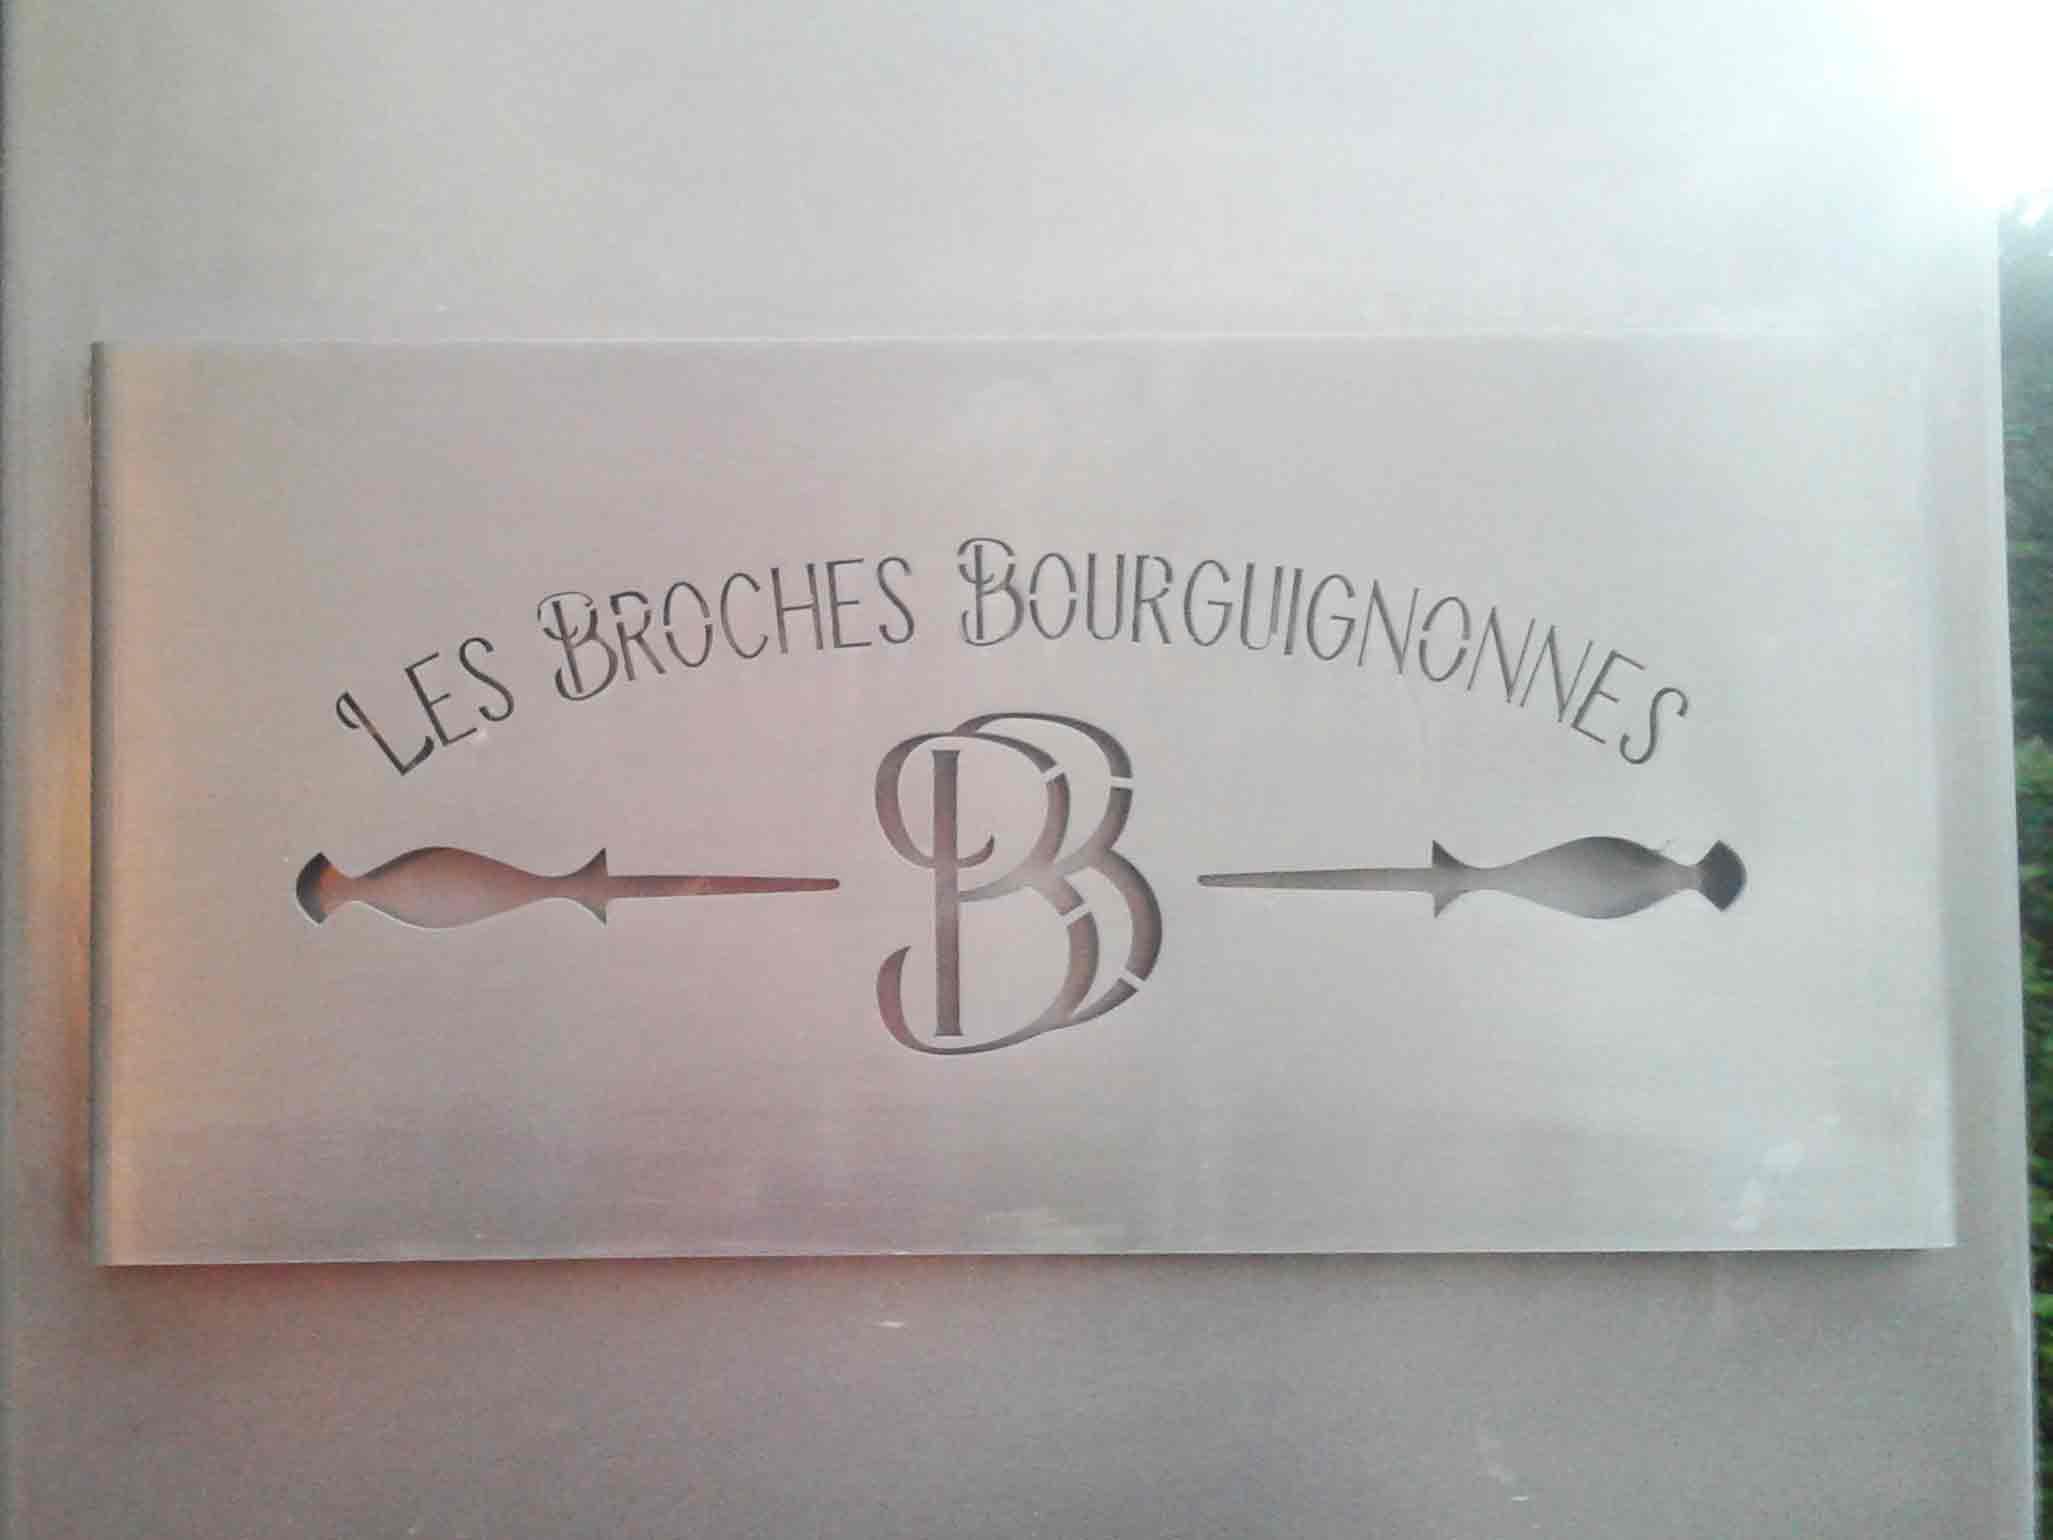 rendu-logo-les-broches-bourguignonnes